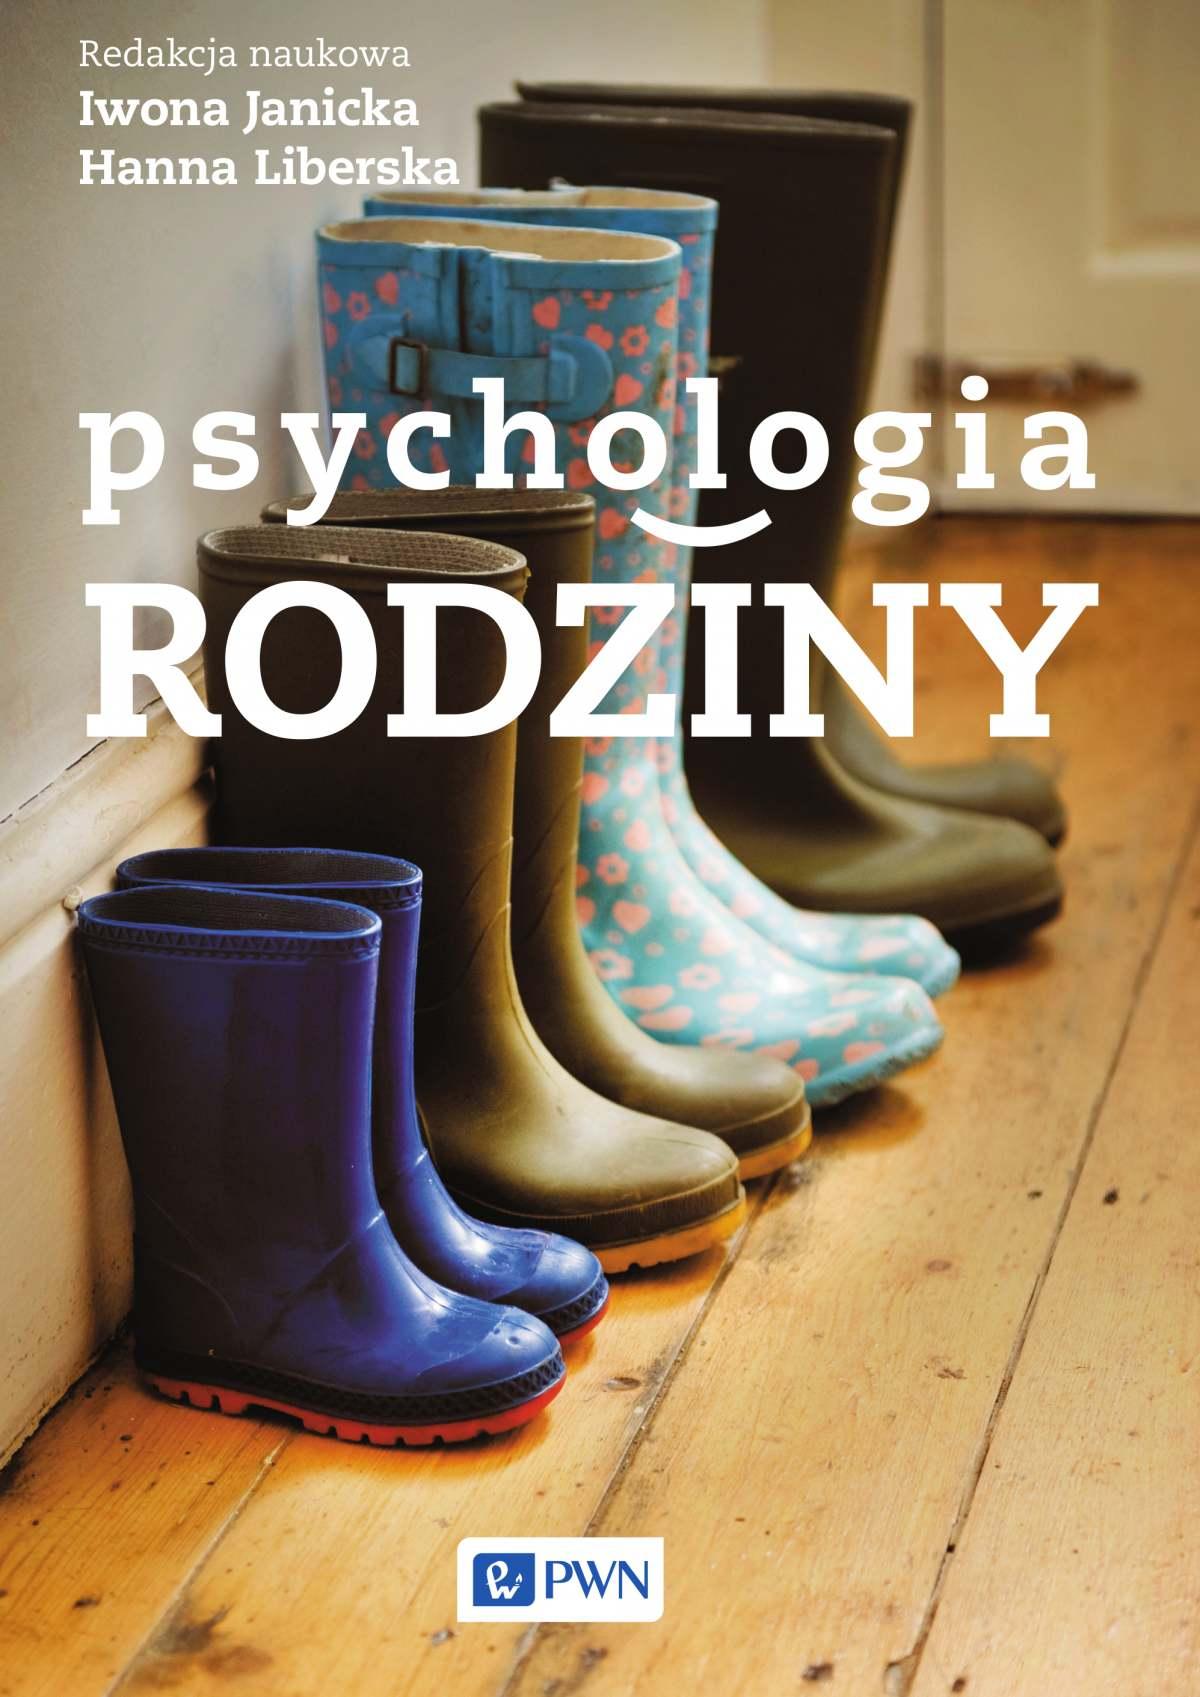 Psychologia rodziny - Ebook (Książka EPUB) do pobrania w formacie EPUB